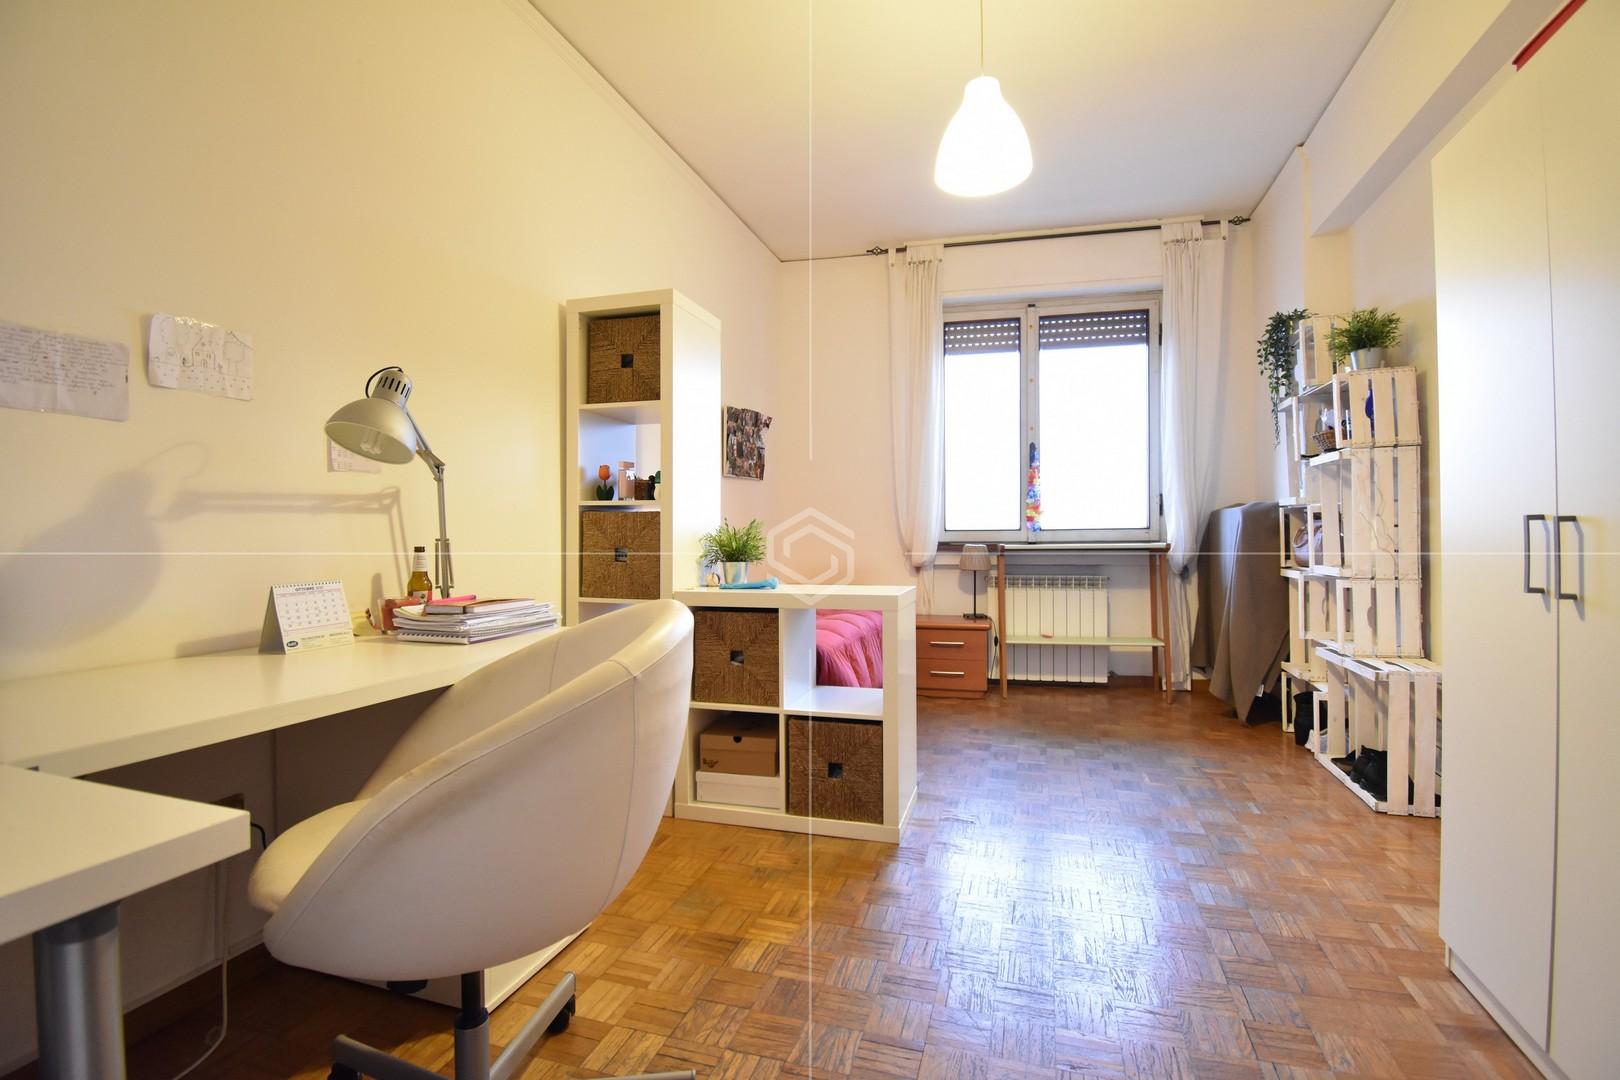 Appartamento luminoso in vendita con posto auto coperto | Via San Michele, Piagge